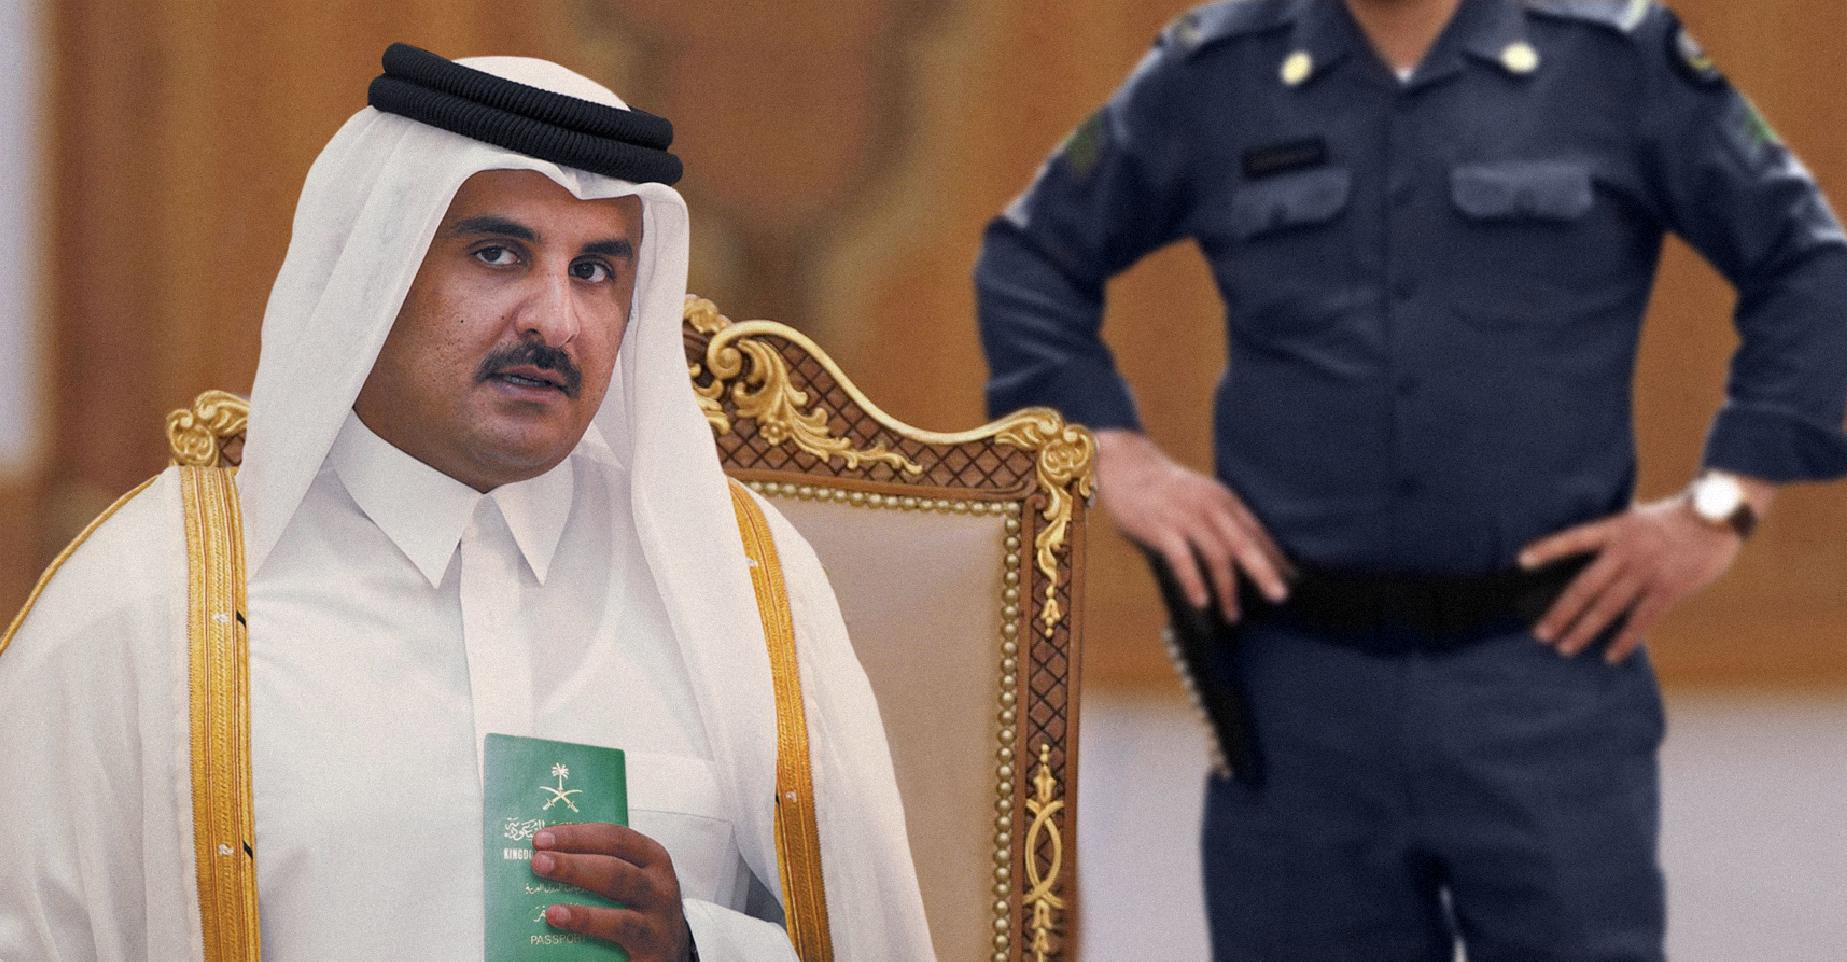 صورة السعودية تمنح تميم جنسيتها لتستطيع مطالبة الكويت بالقبض عليه